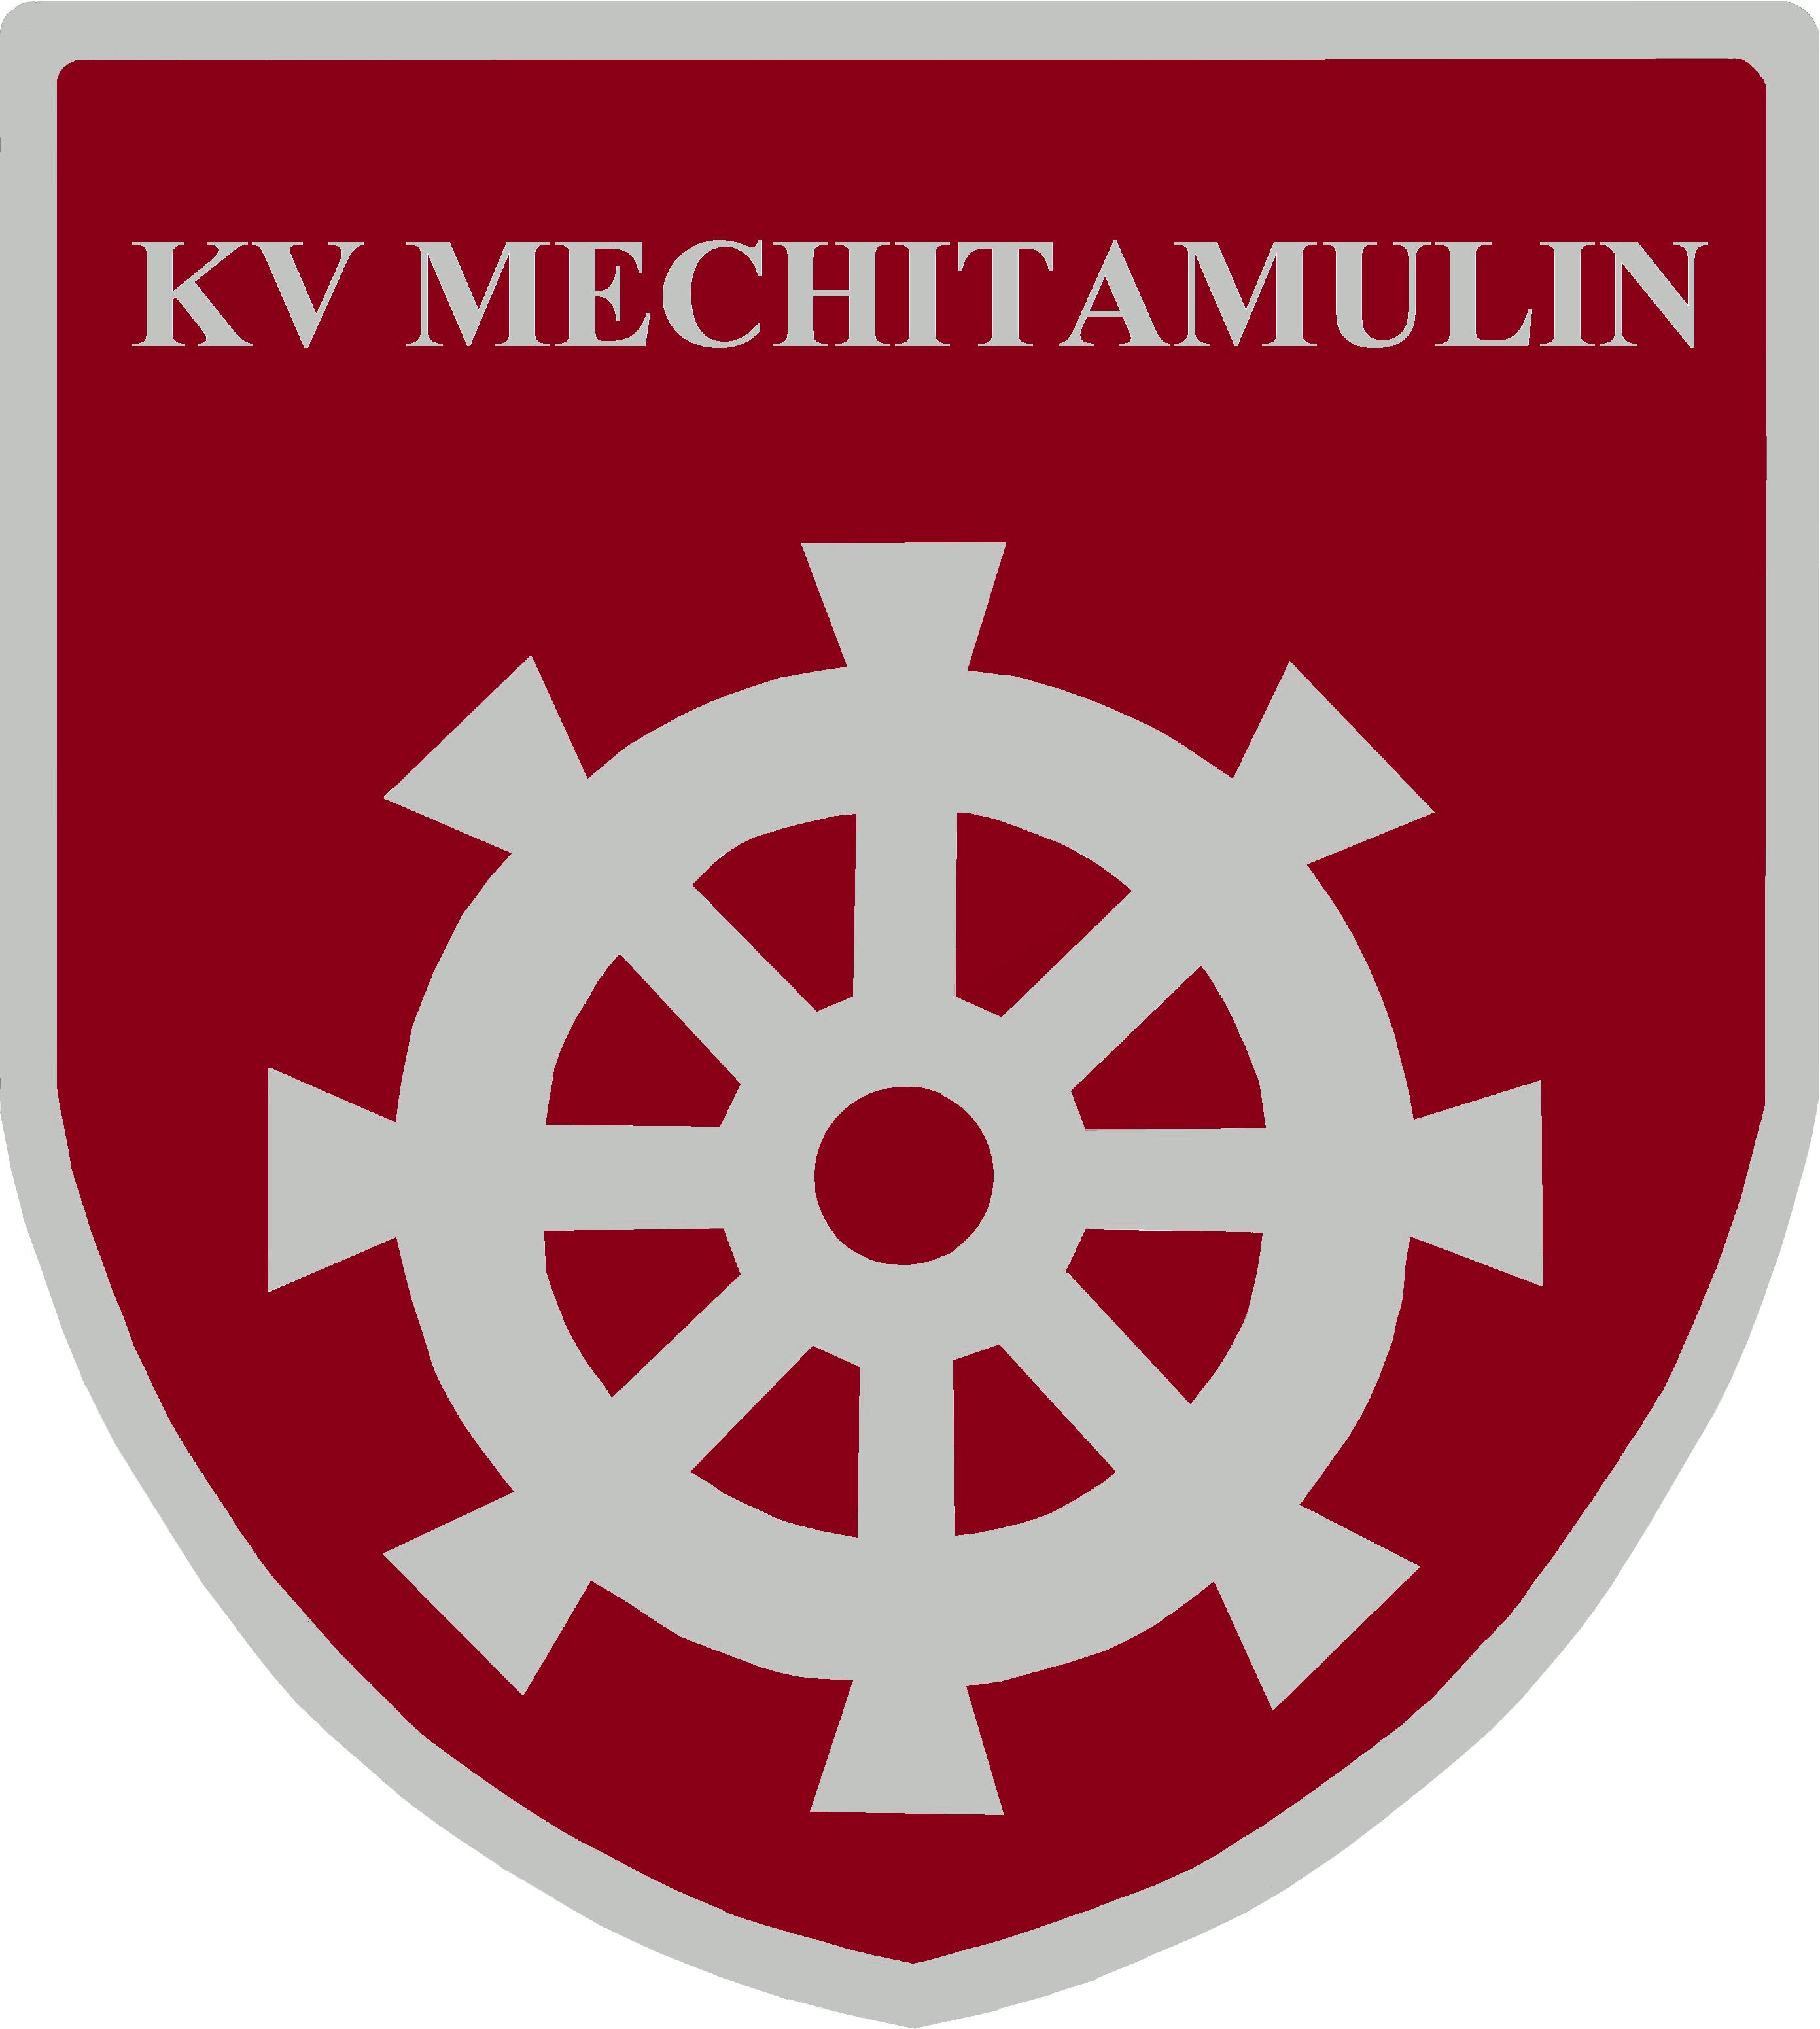 Karnevalverein Mechitamulin e.V.